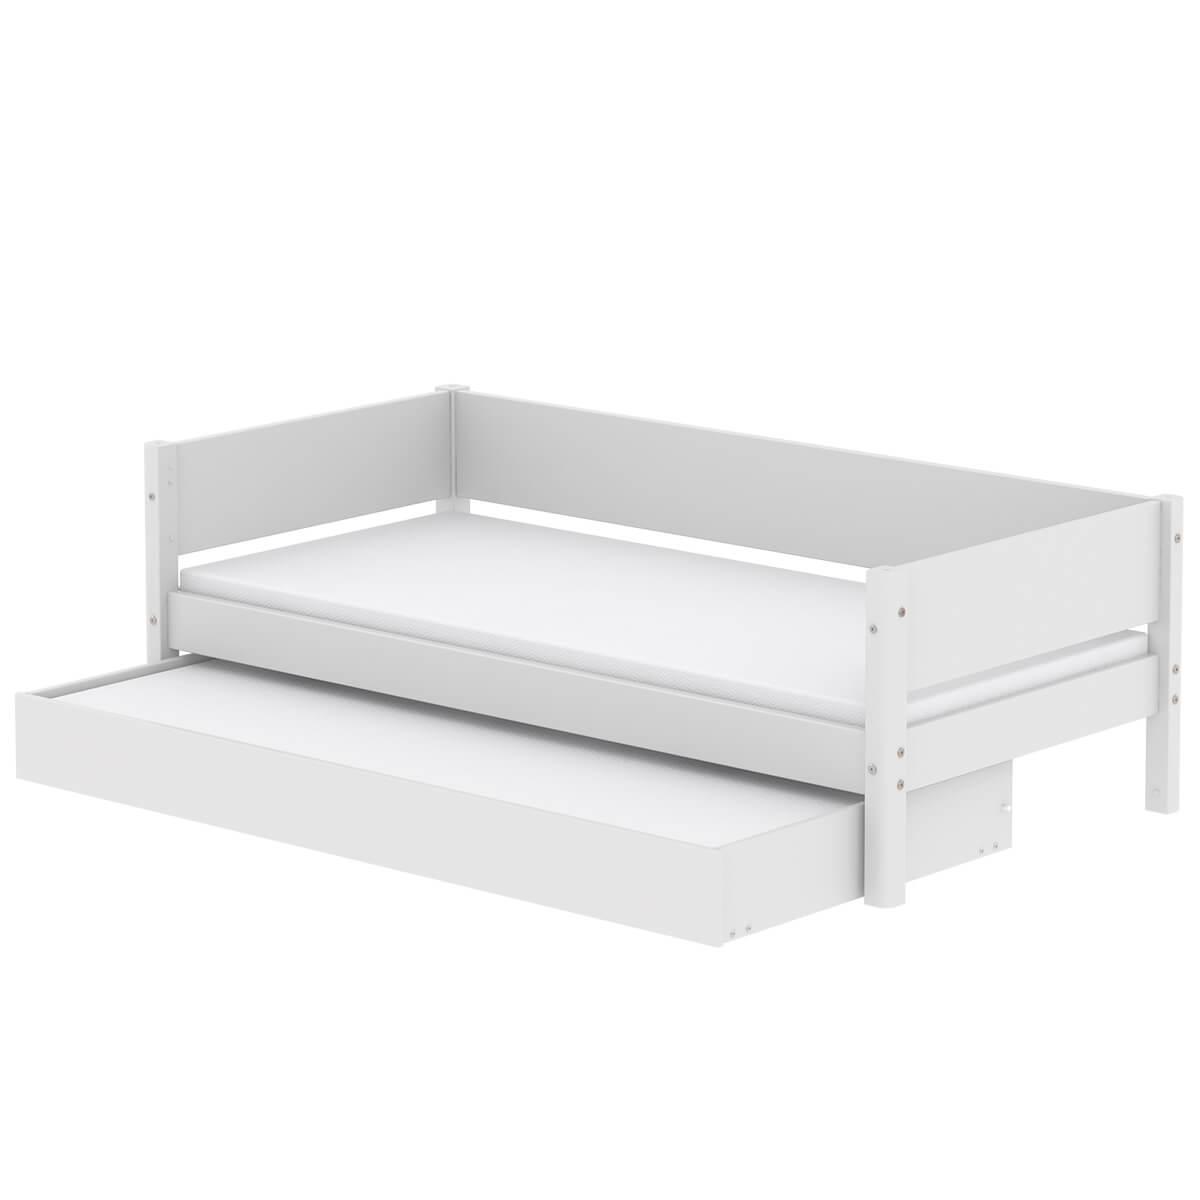 Kinderbett 90x200cm Ausziehbett WHITE Flexa weiß